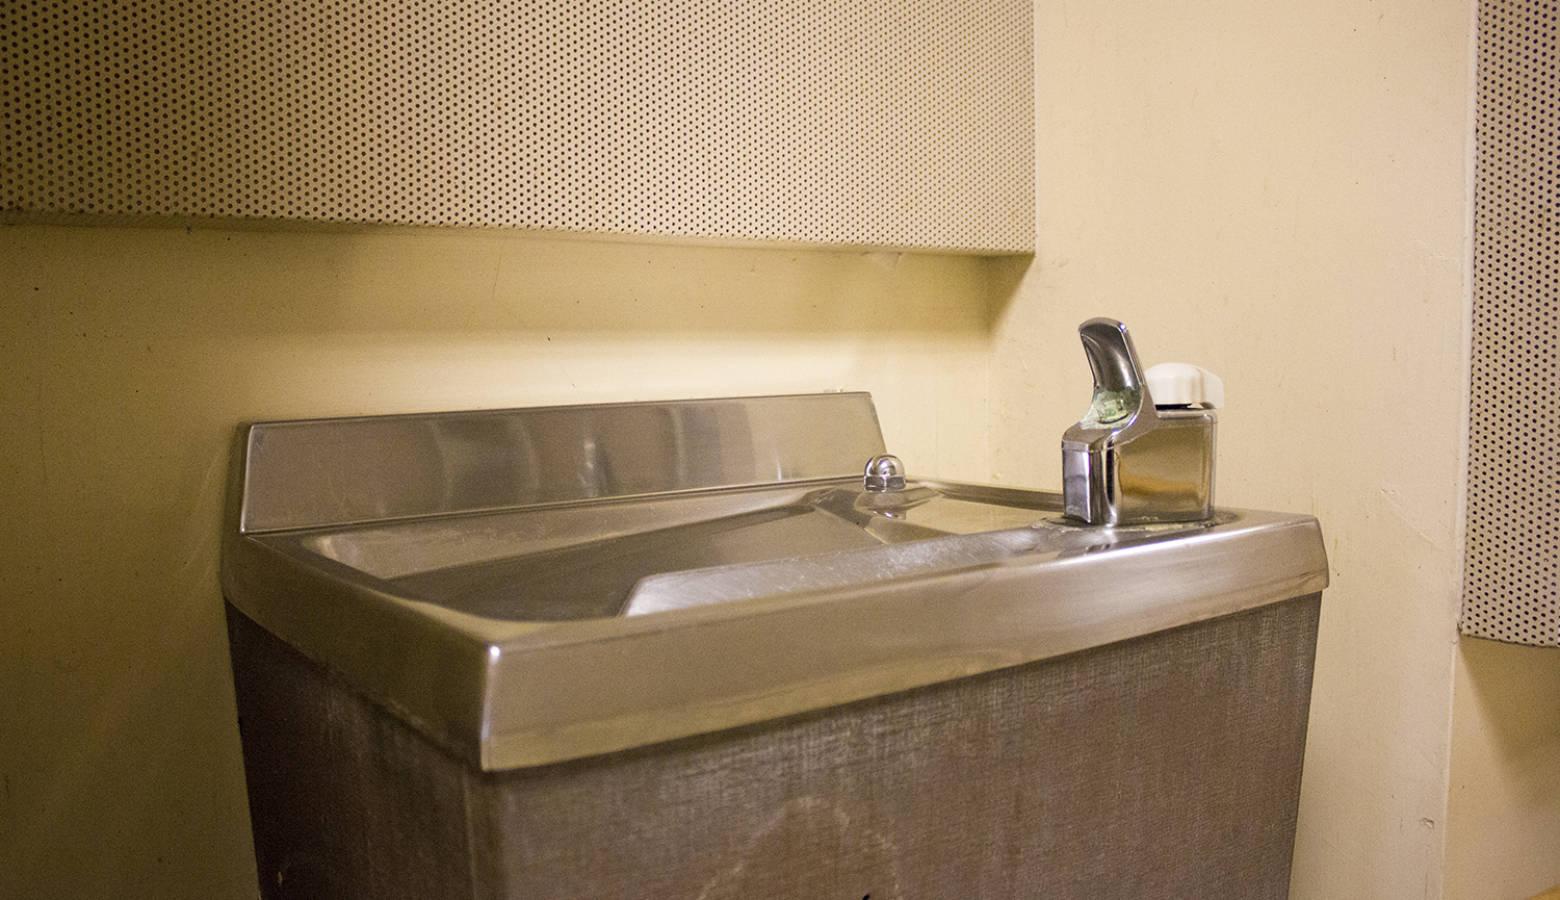 School water fountain. (FILE PHOTO: Peter Balonon-Rosen/IPB News)